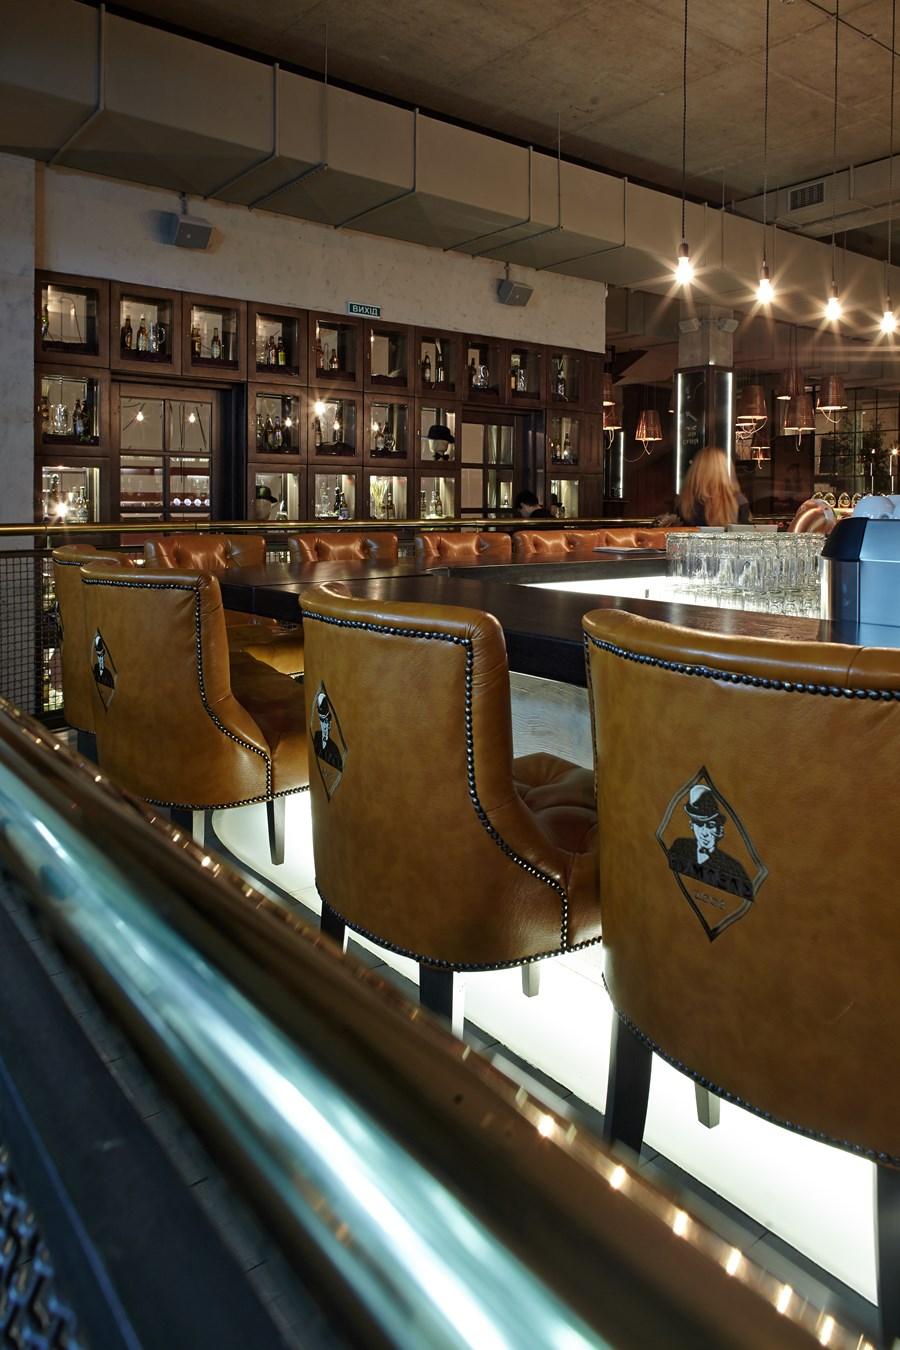 Kumpel restaurant by ARS-IDEA 13